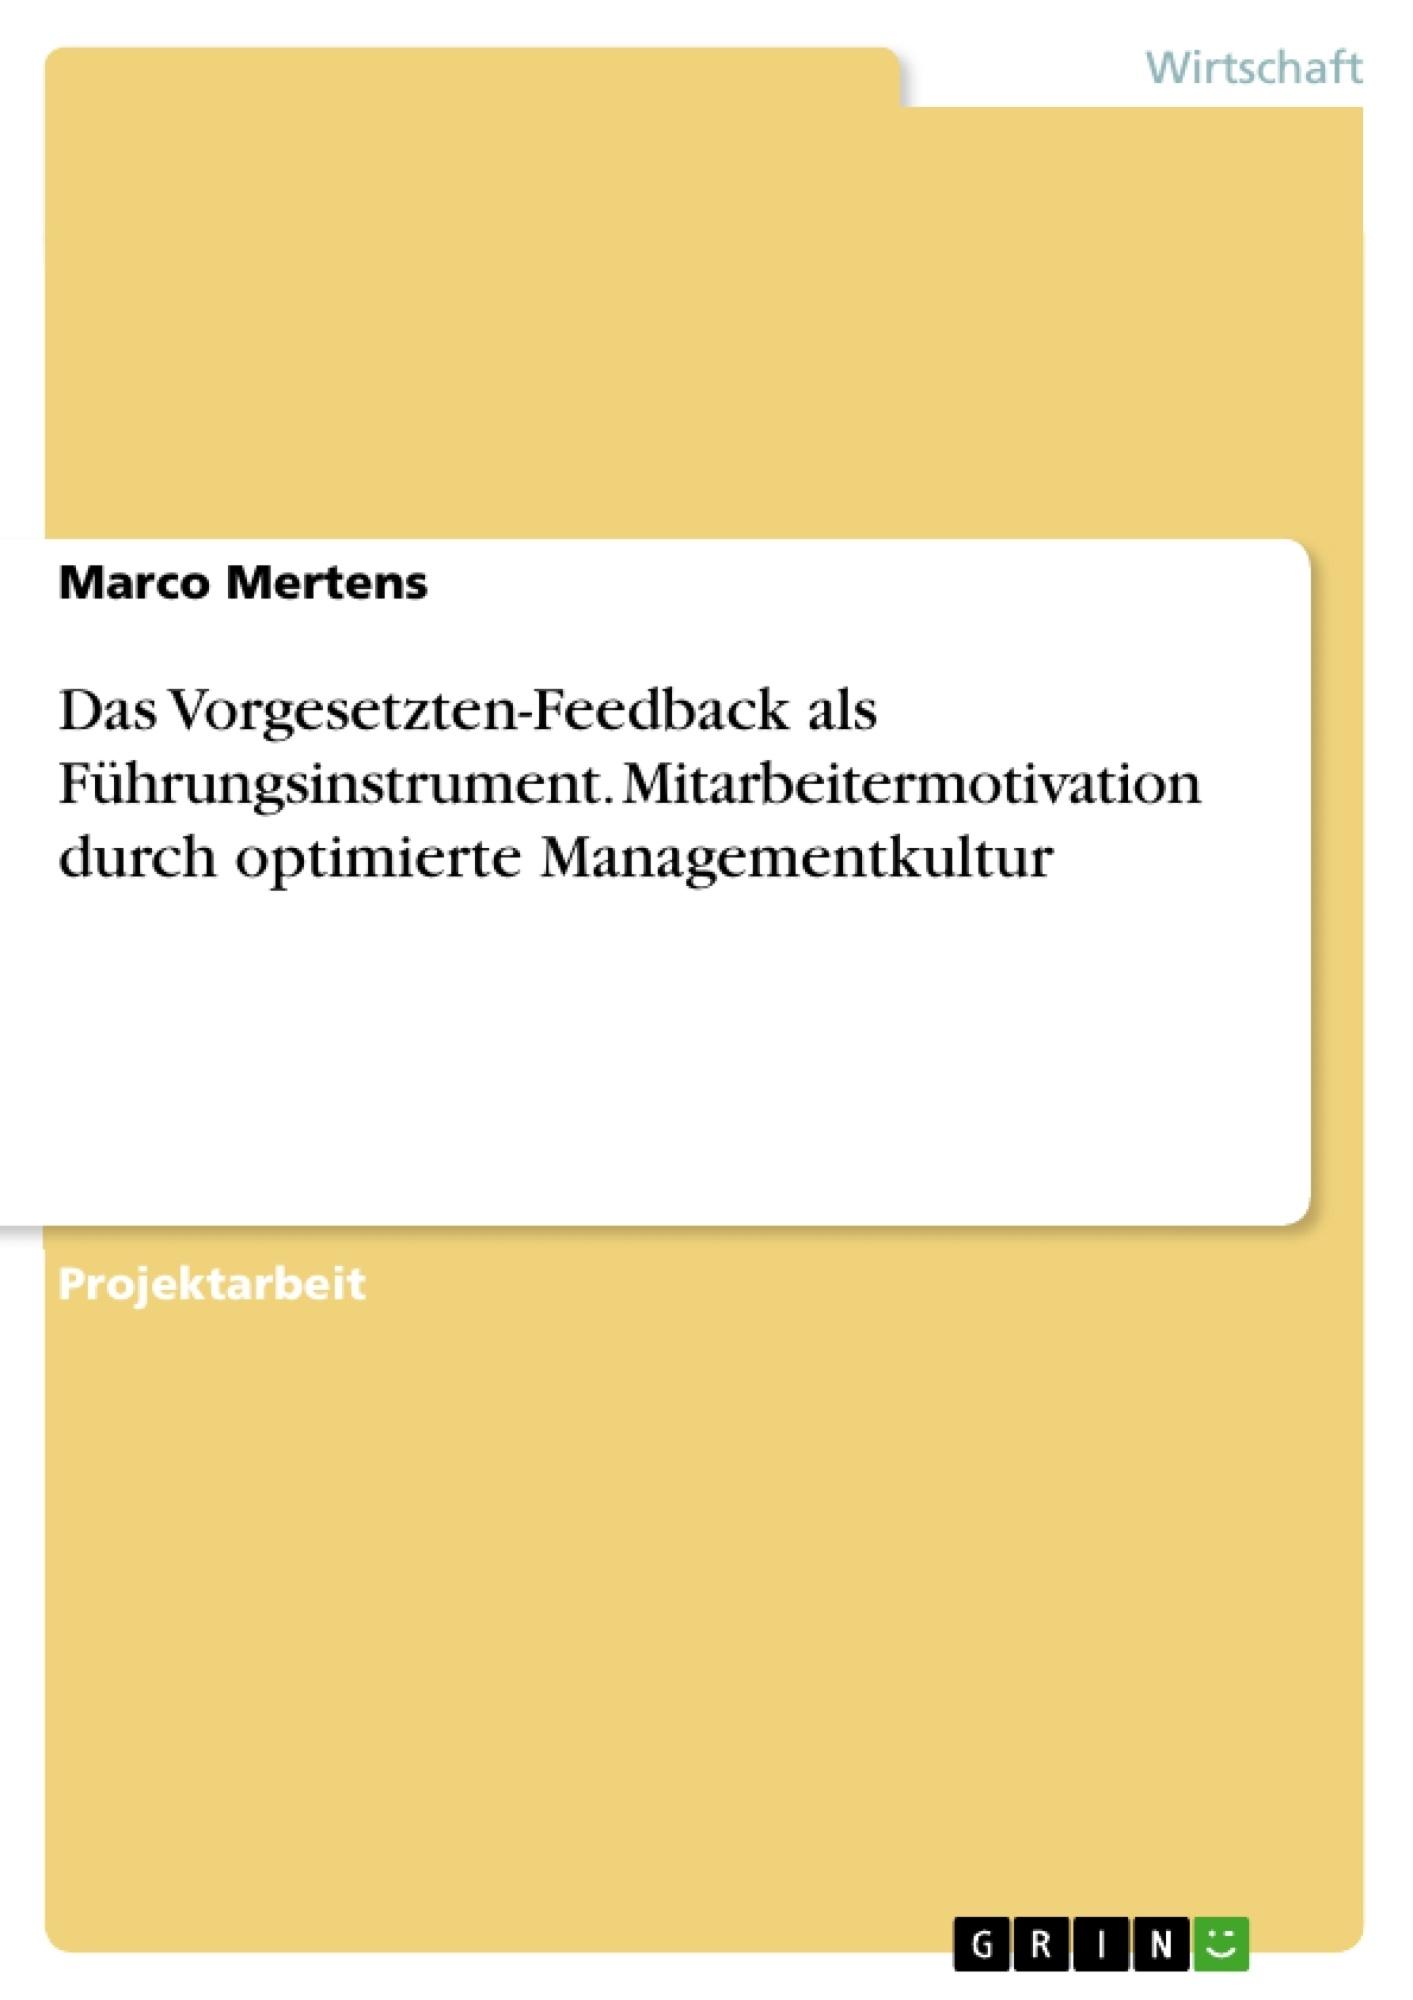 Titel: Das Vorgesetzten-Feedback als Führungsinstrument. Mitarbeitermotivation durch optimierte Managementkultur